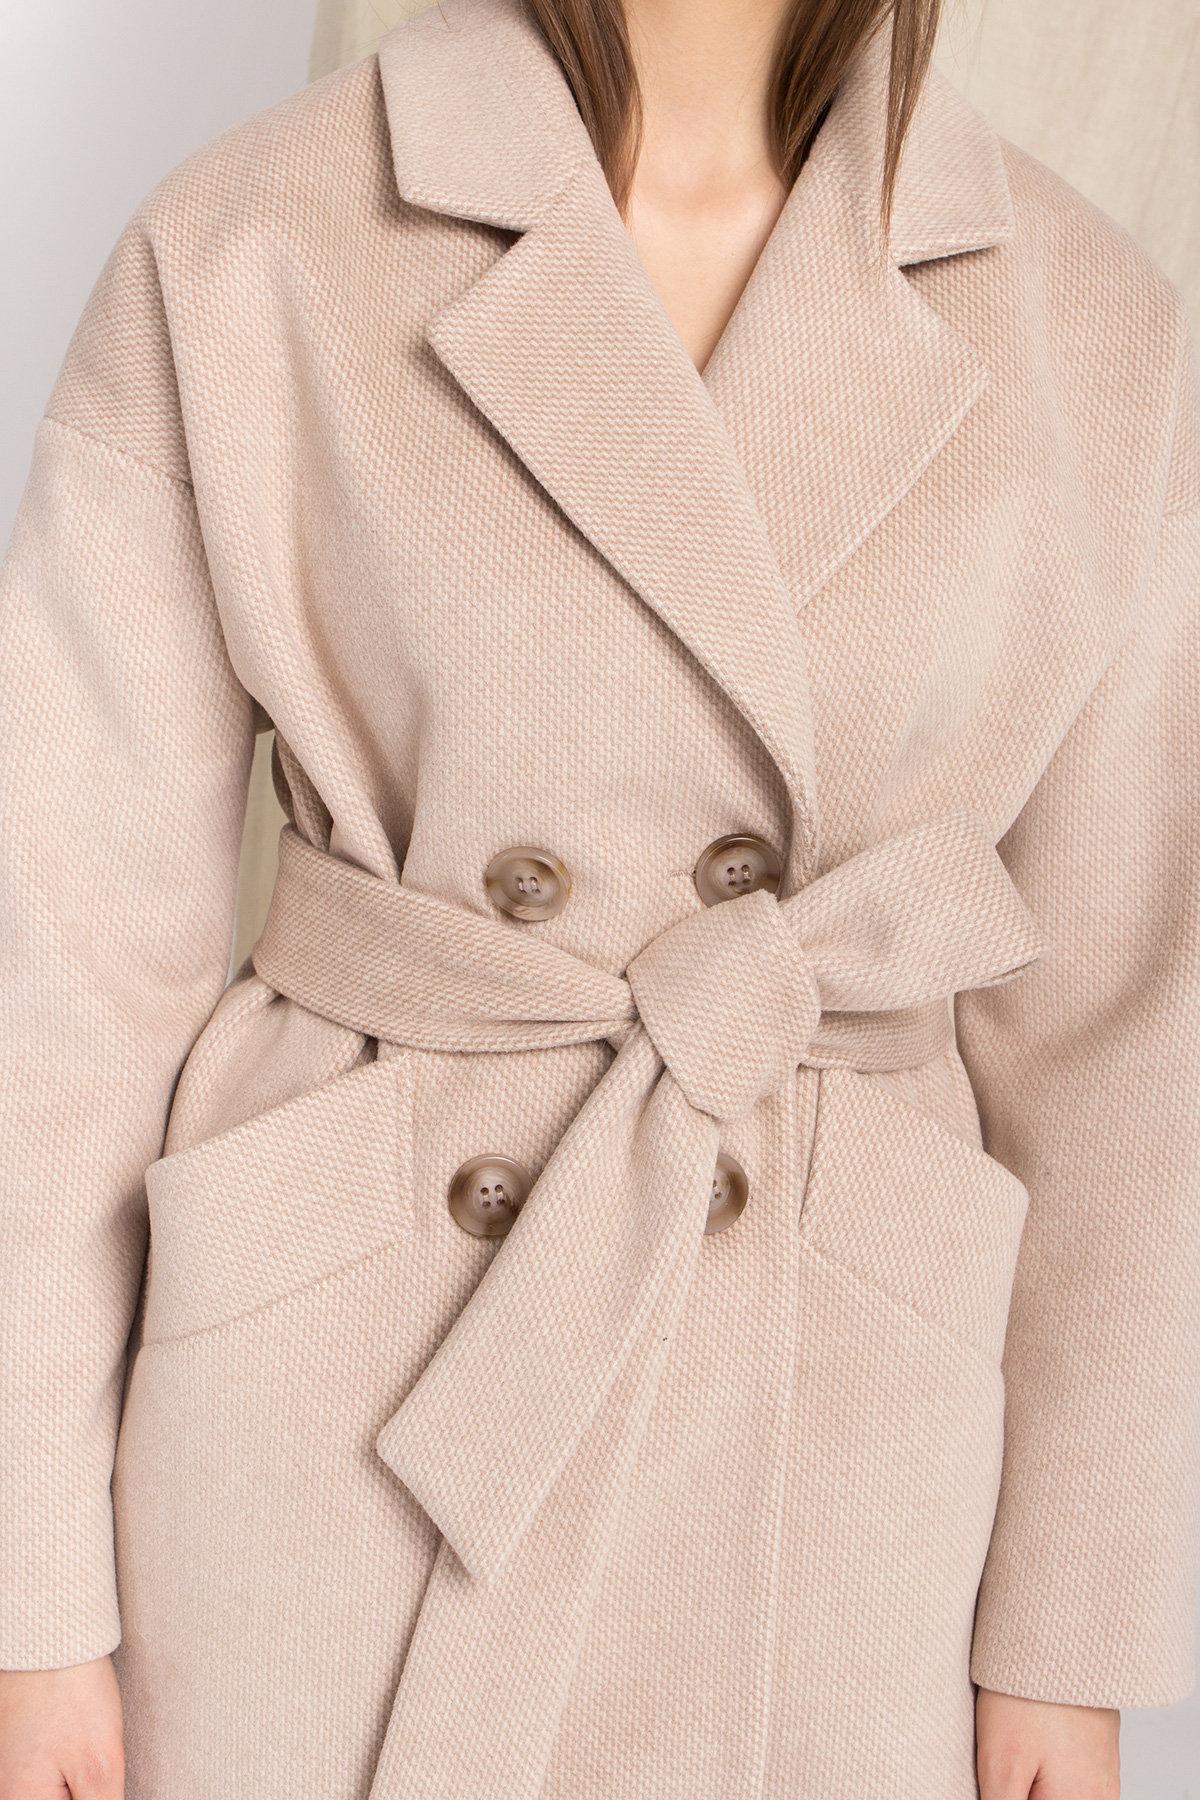 Демисезонное двубортное пальто Бонд 8927 АРТ. 45227 Цвет: Бежевый Светлый - фото 9, интернет магазин tm-modus.ru